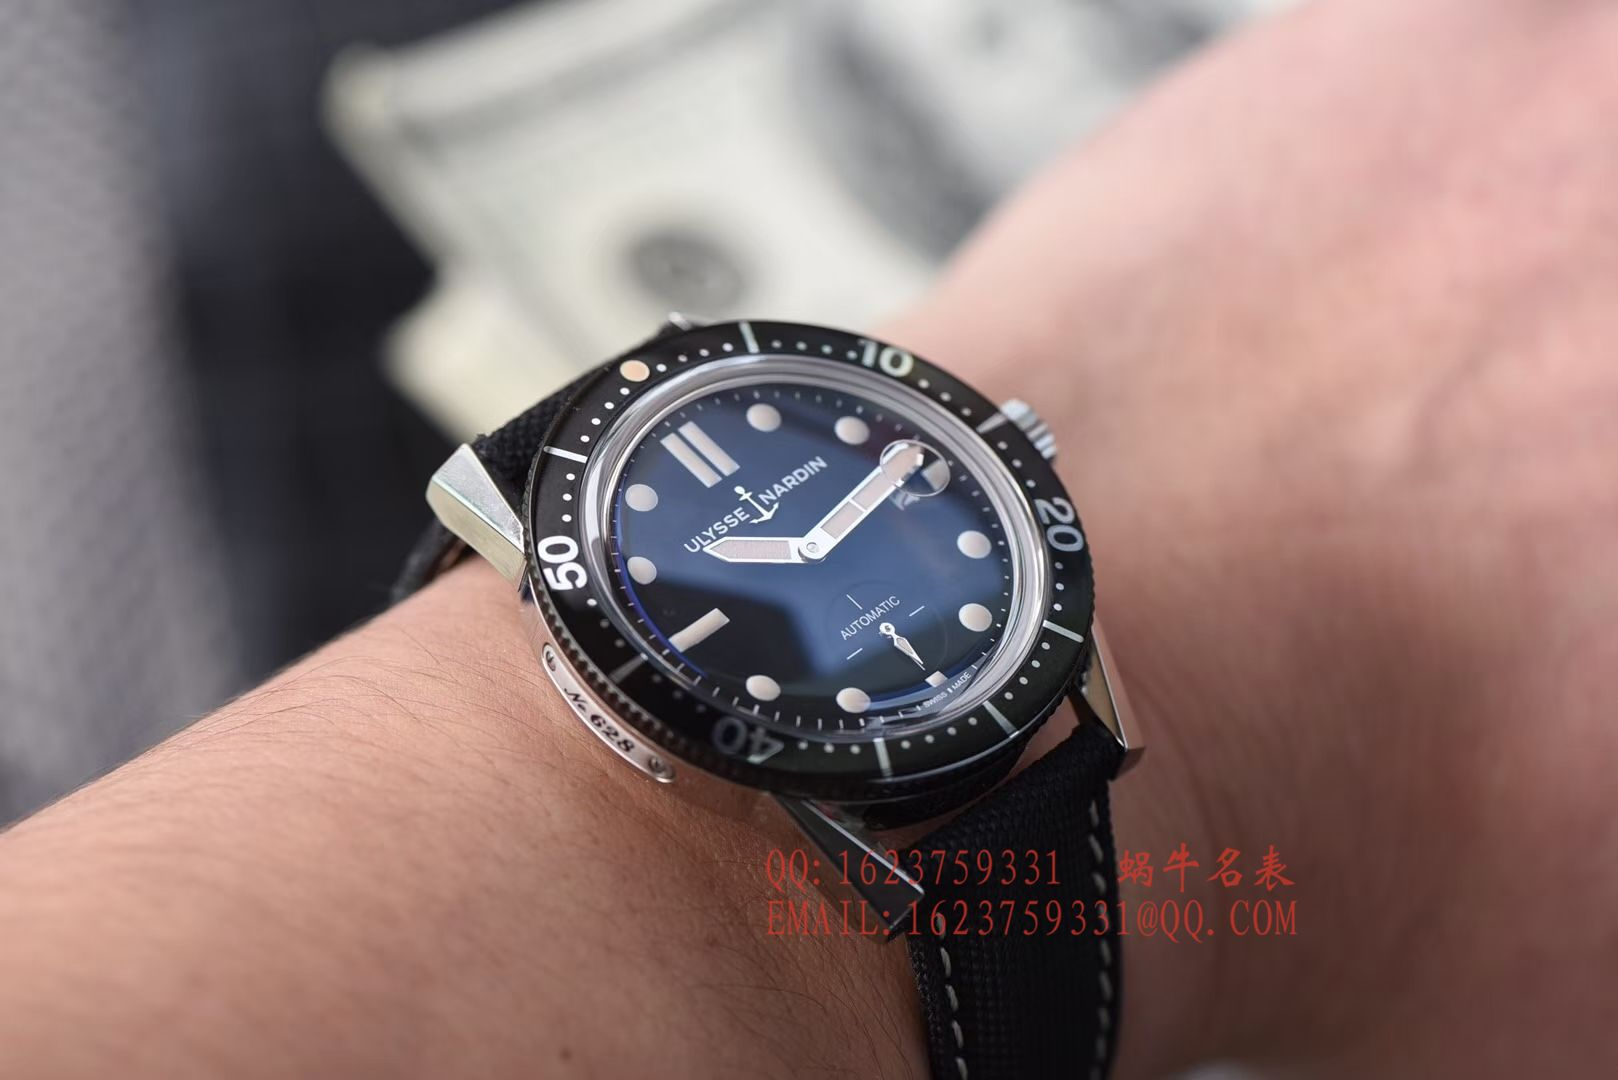 【视频评测神器:一比一完美高仿手表】雅典表Ulysse Nardin Diver潜水表系列Le Locle 勒洛克潜水腕表3203-950